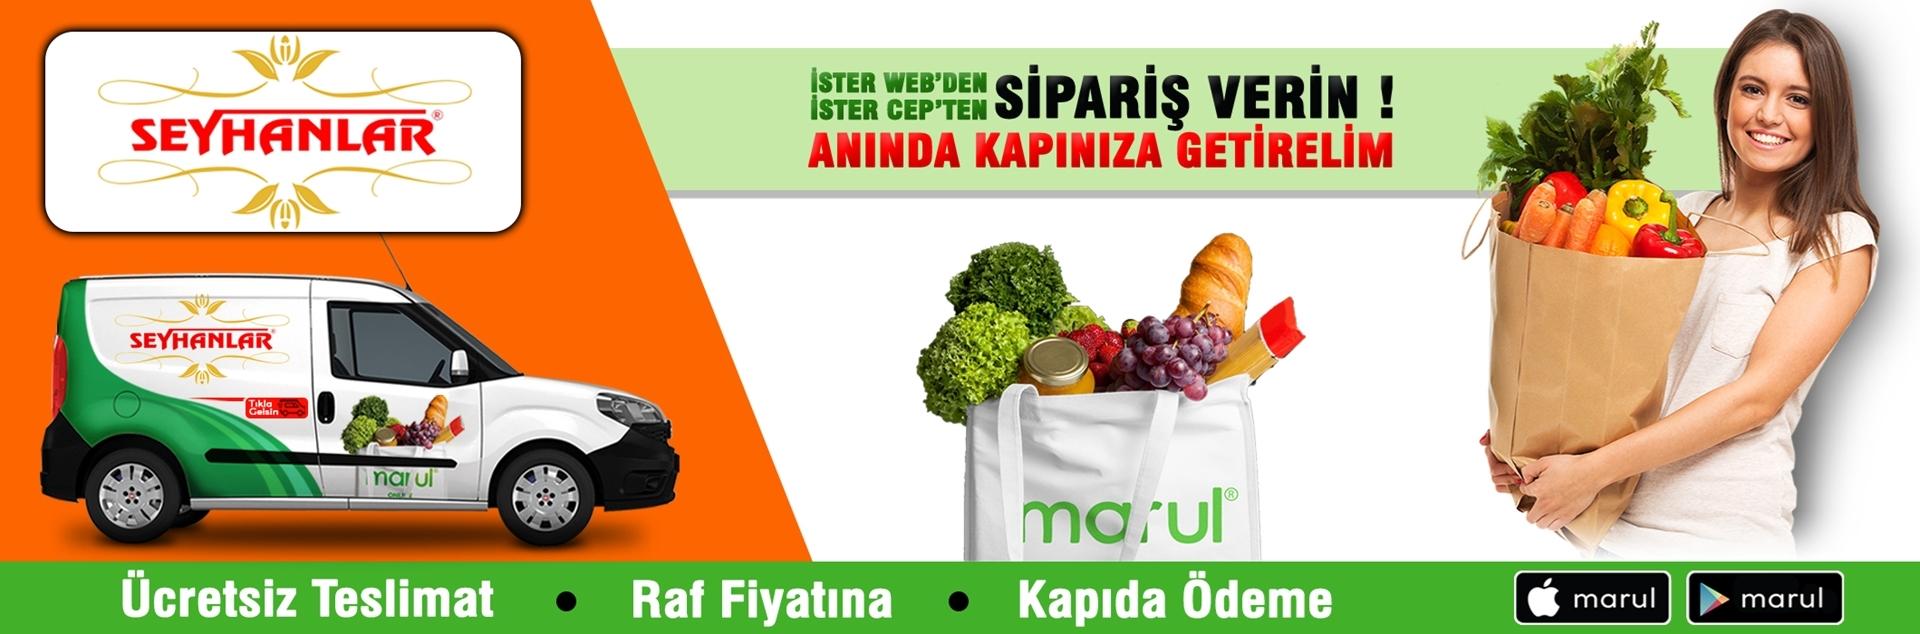 seyhanlar online süpermarket siparişi soğanlık 2 şubesi kartal